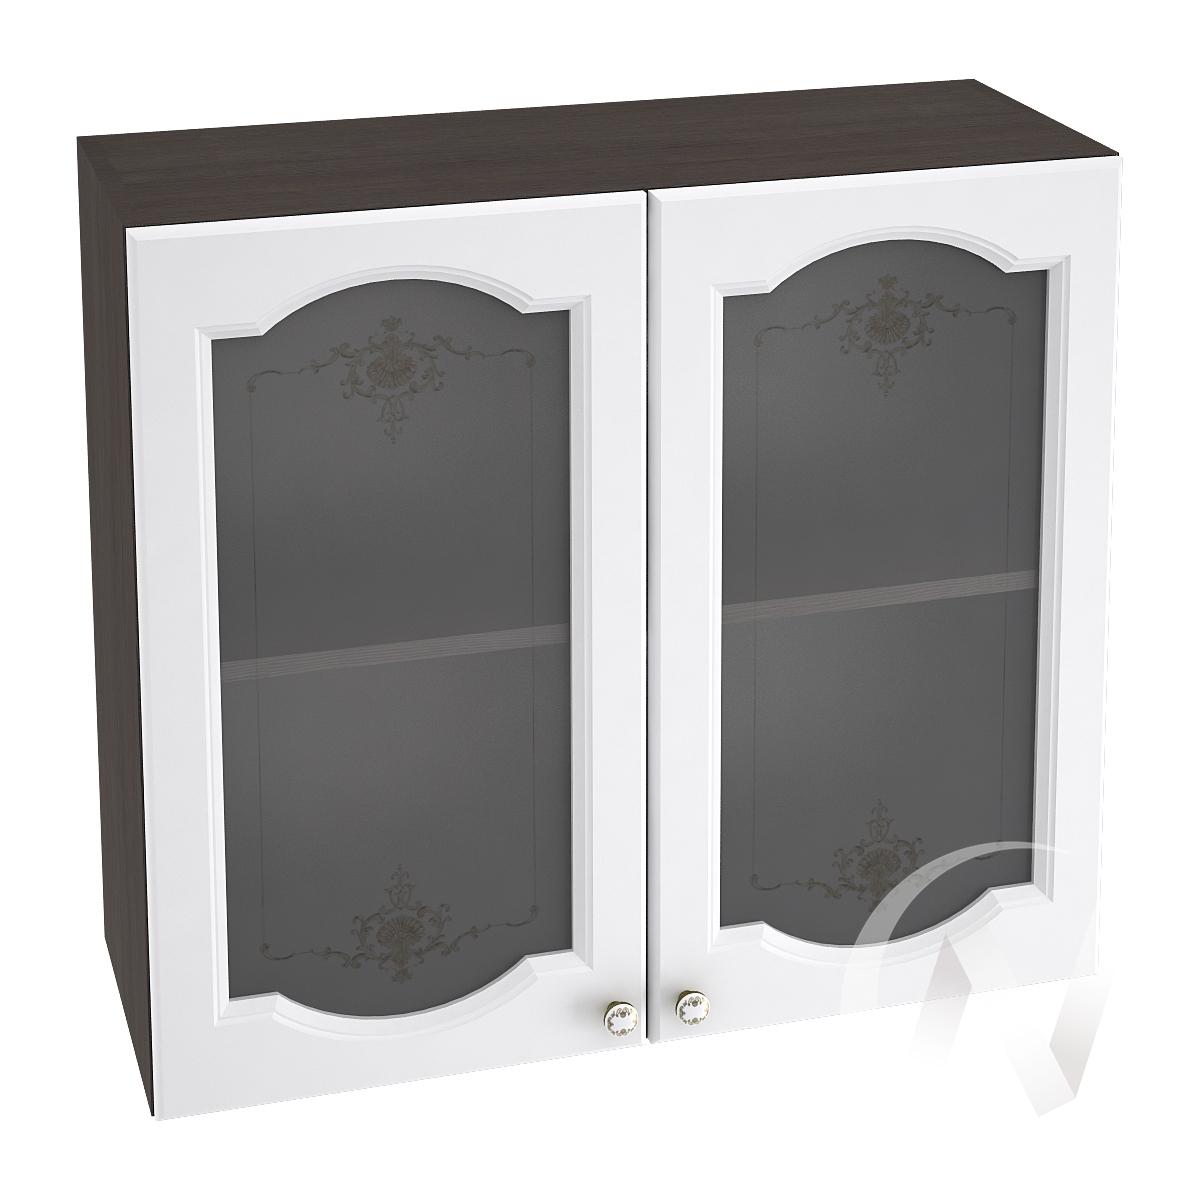 """Кухня """"Шарлиз"""": Шкаф верхний со стеклом 800, ШВС 800 (корпус венге)"""